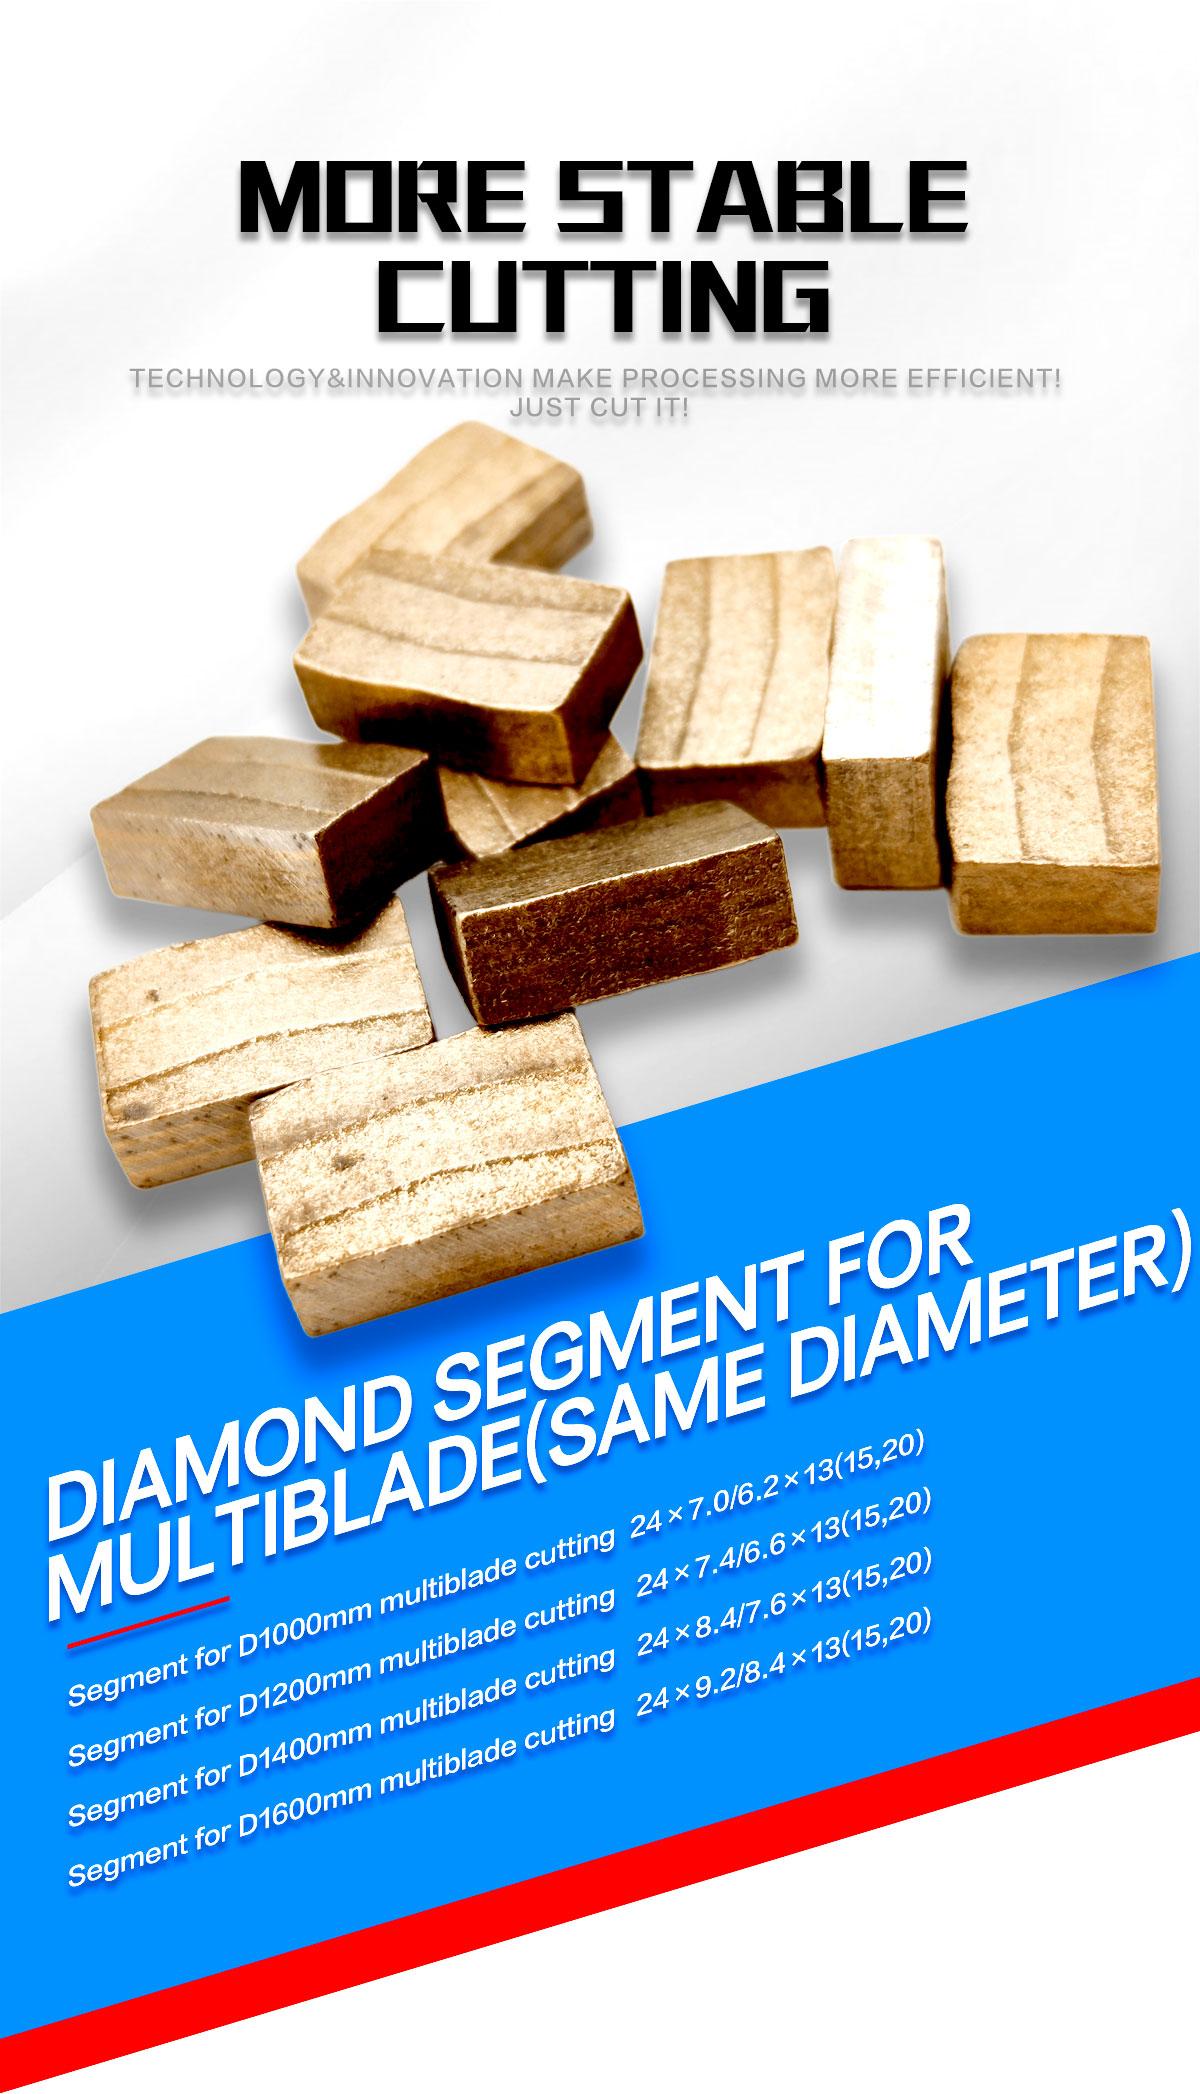 multi-blade segments